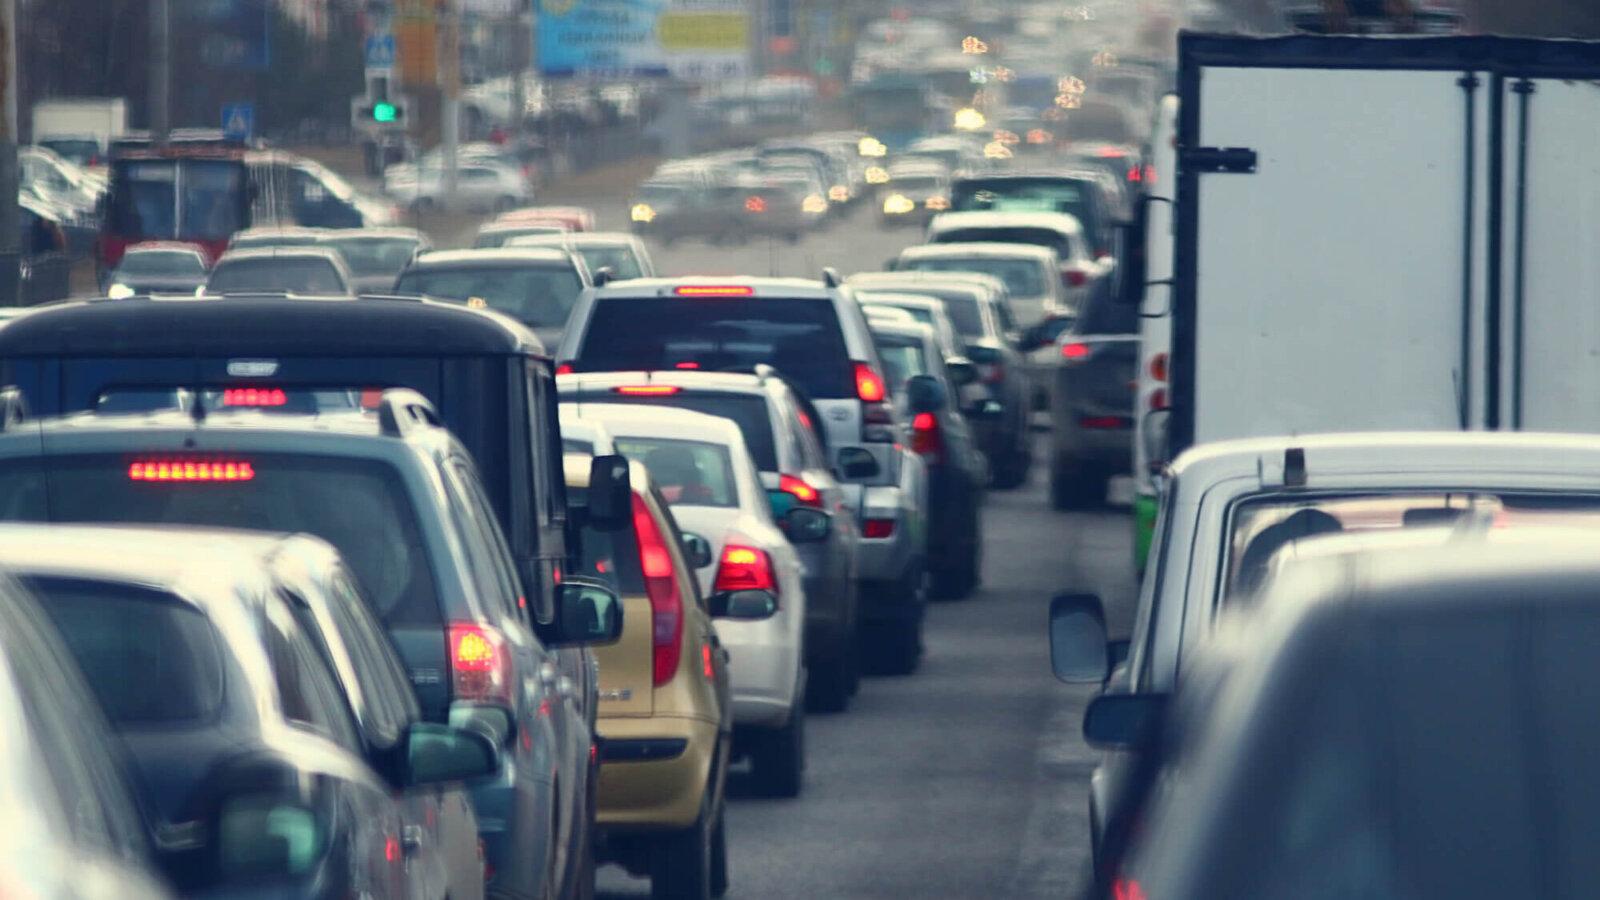 Жителей Москвы предупредили о загруженности дорог из-за